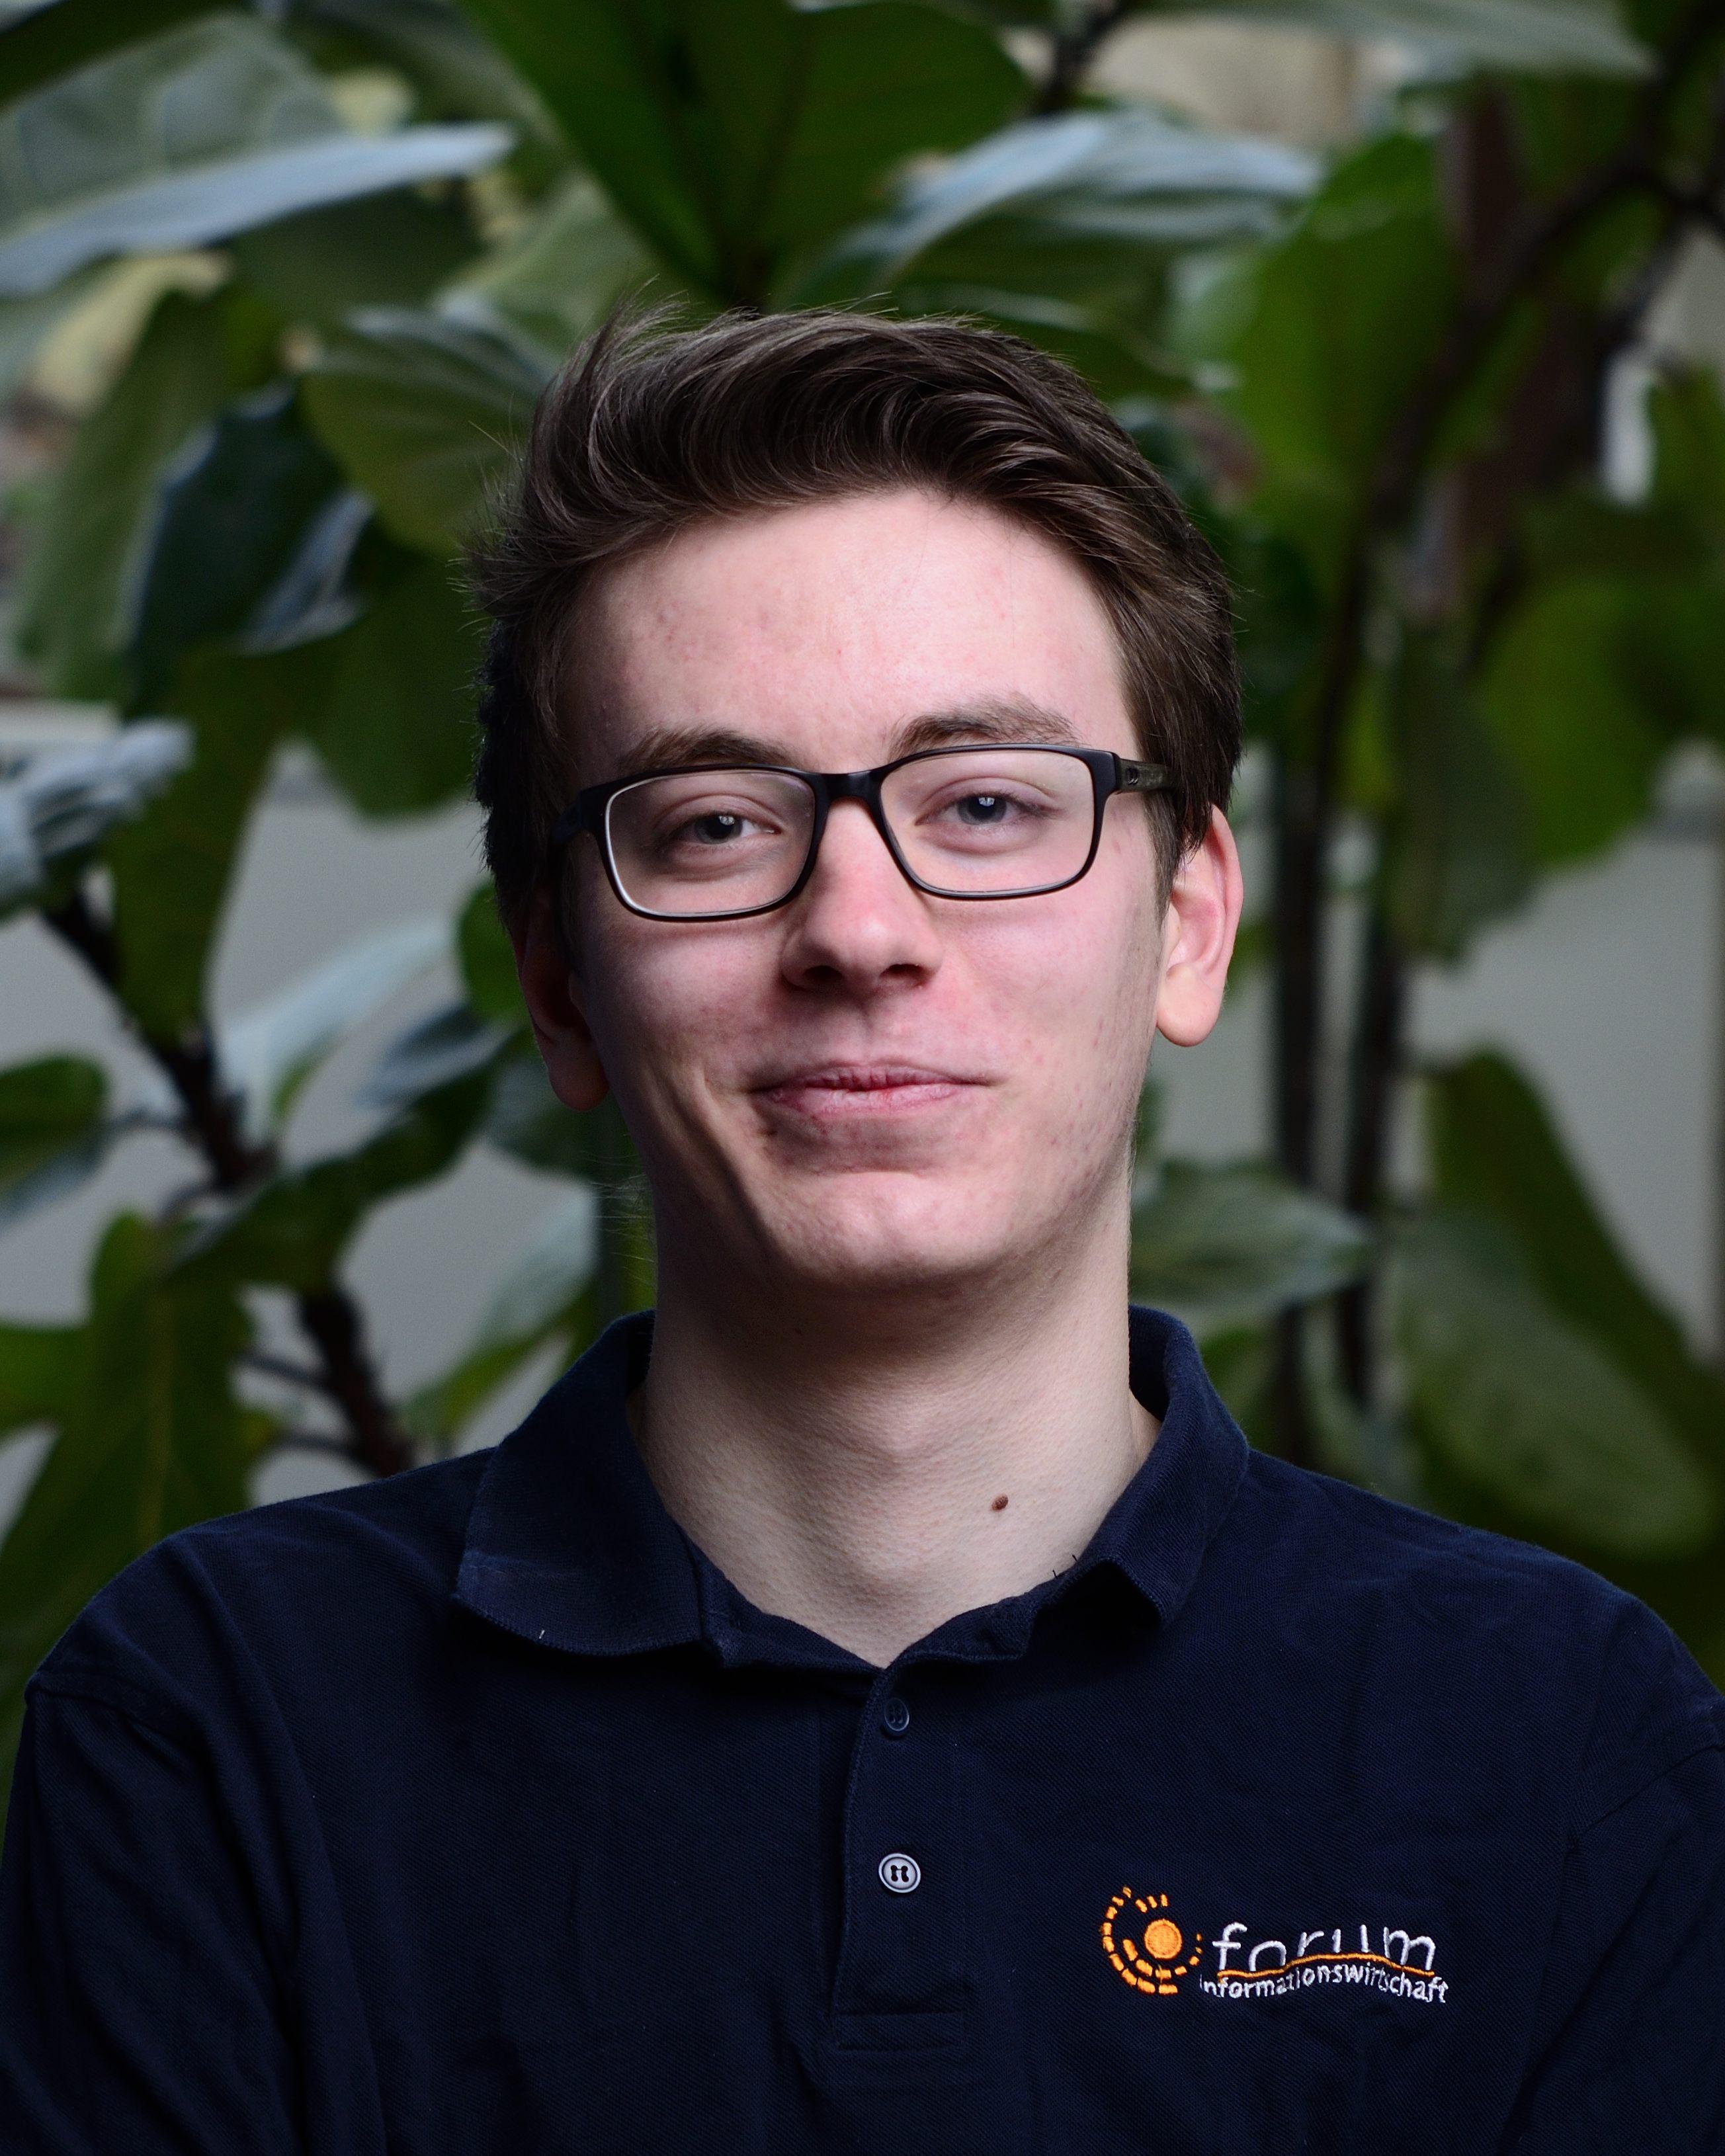 Luca Leitzbach